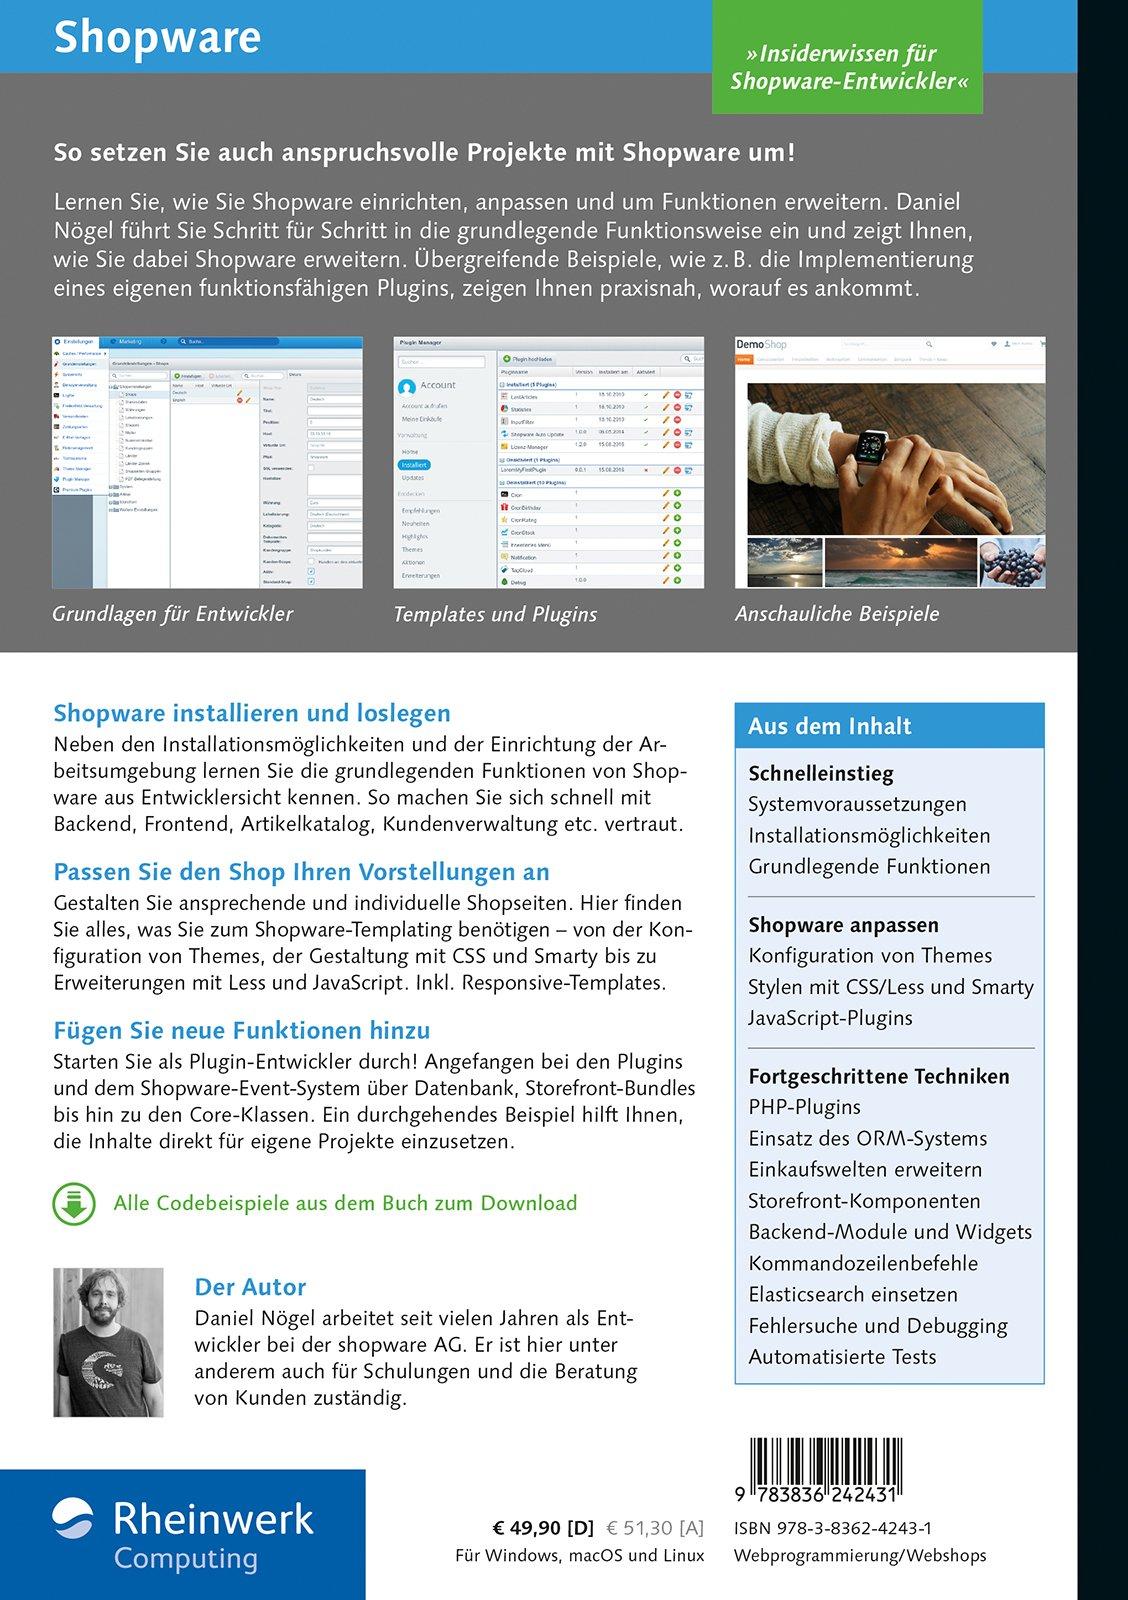 Shopware: Das Handbuch für Entwickler. Installation, Konfiguration,  Templating, Plugin-Entwicklung u. v. m.: Amazon.de: Daniel Nögel: Bücher